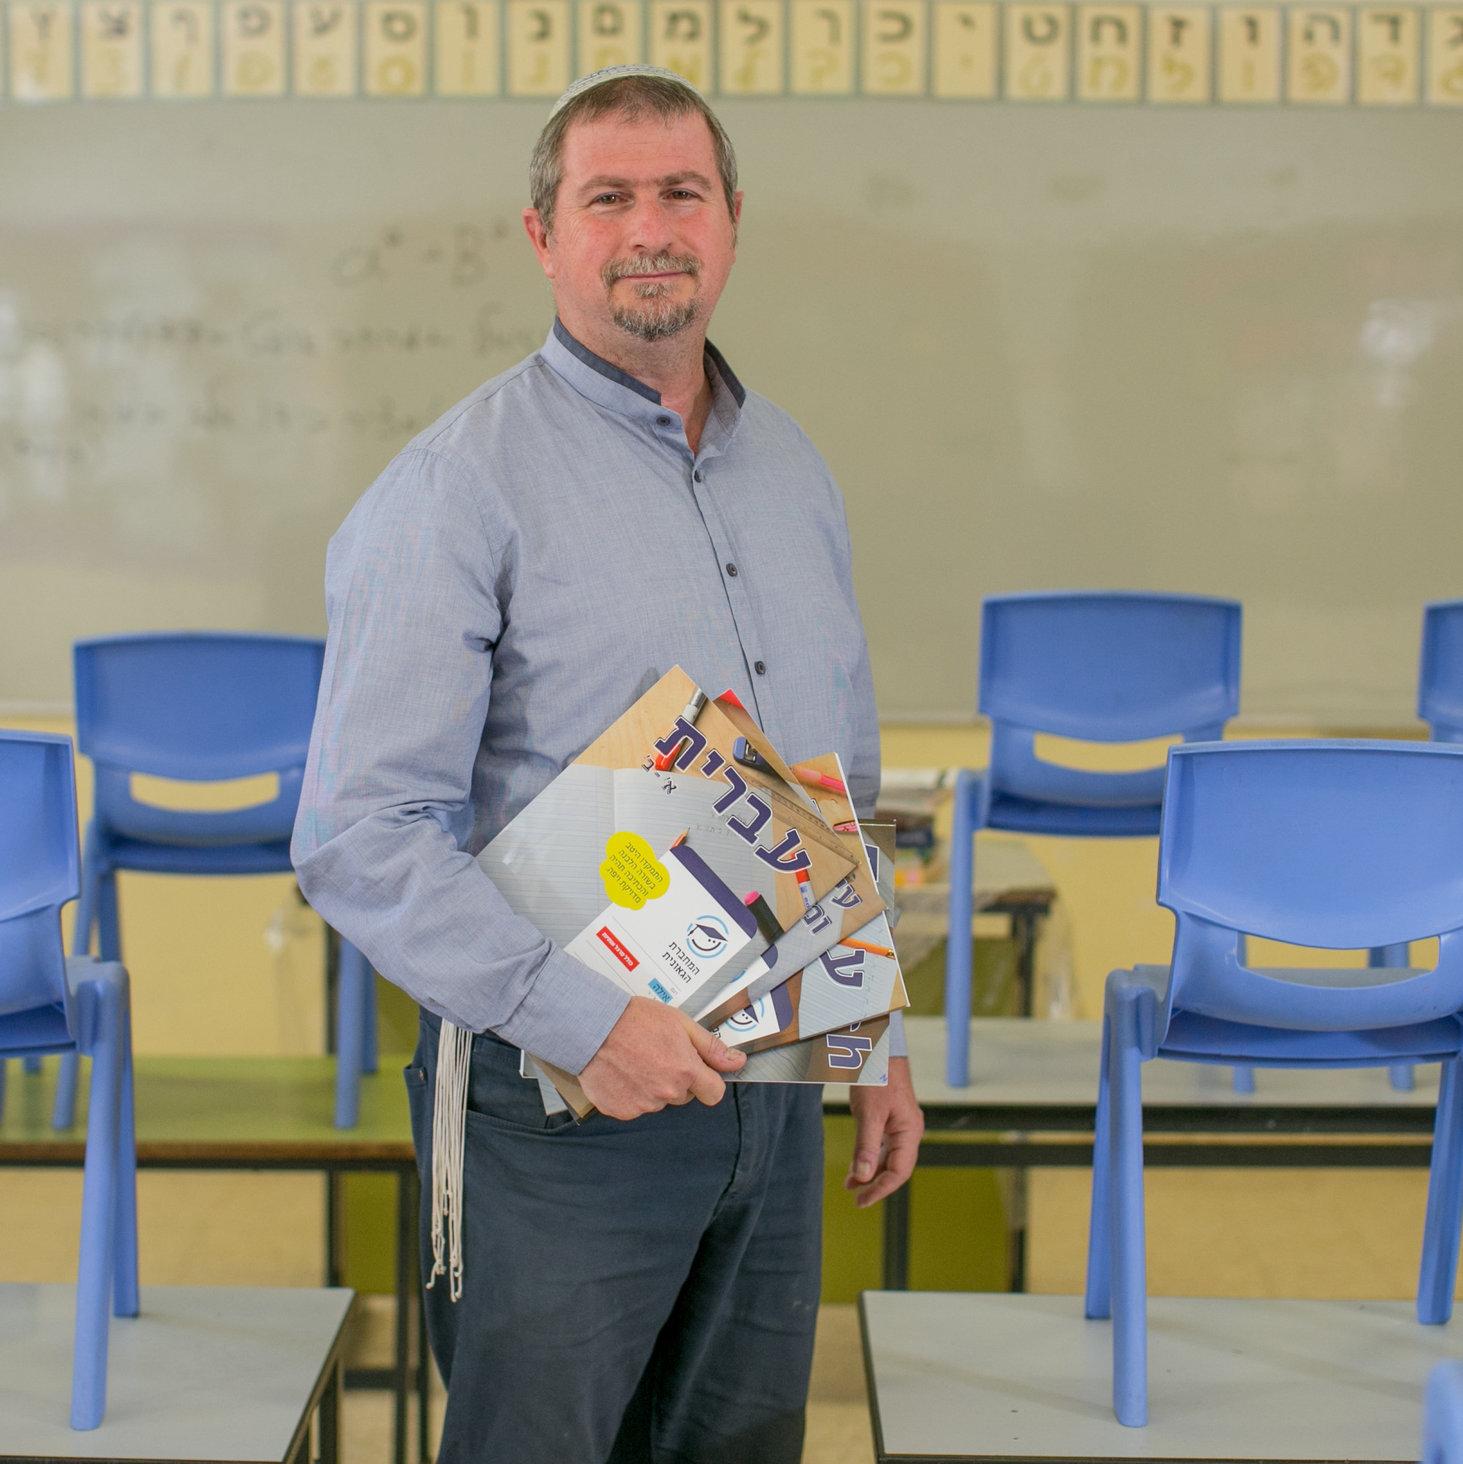 ישראל שירן. מנהל בית ספר בקרית ארבע   צילום: אוהד צויגנברג